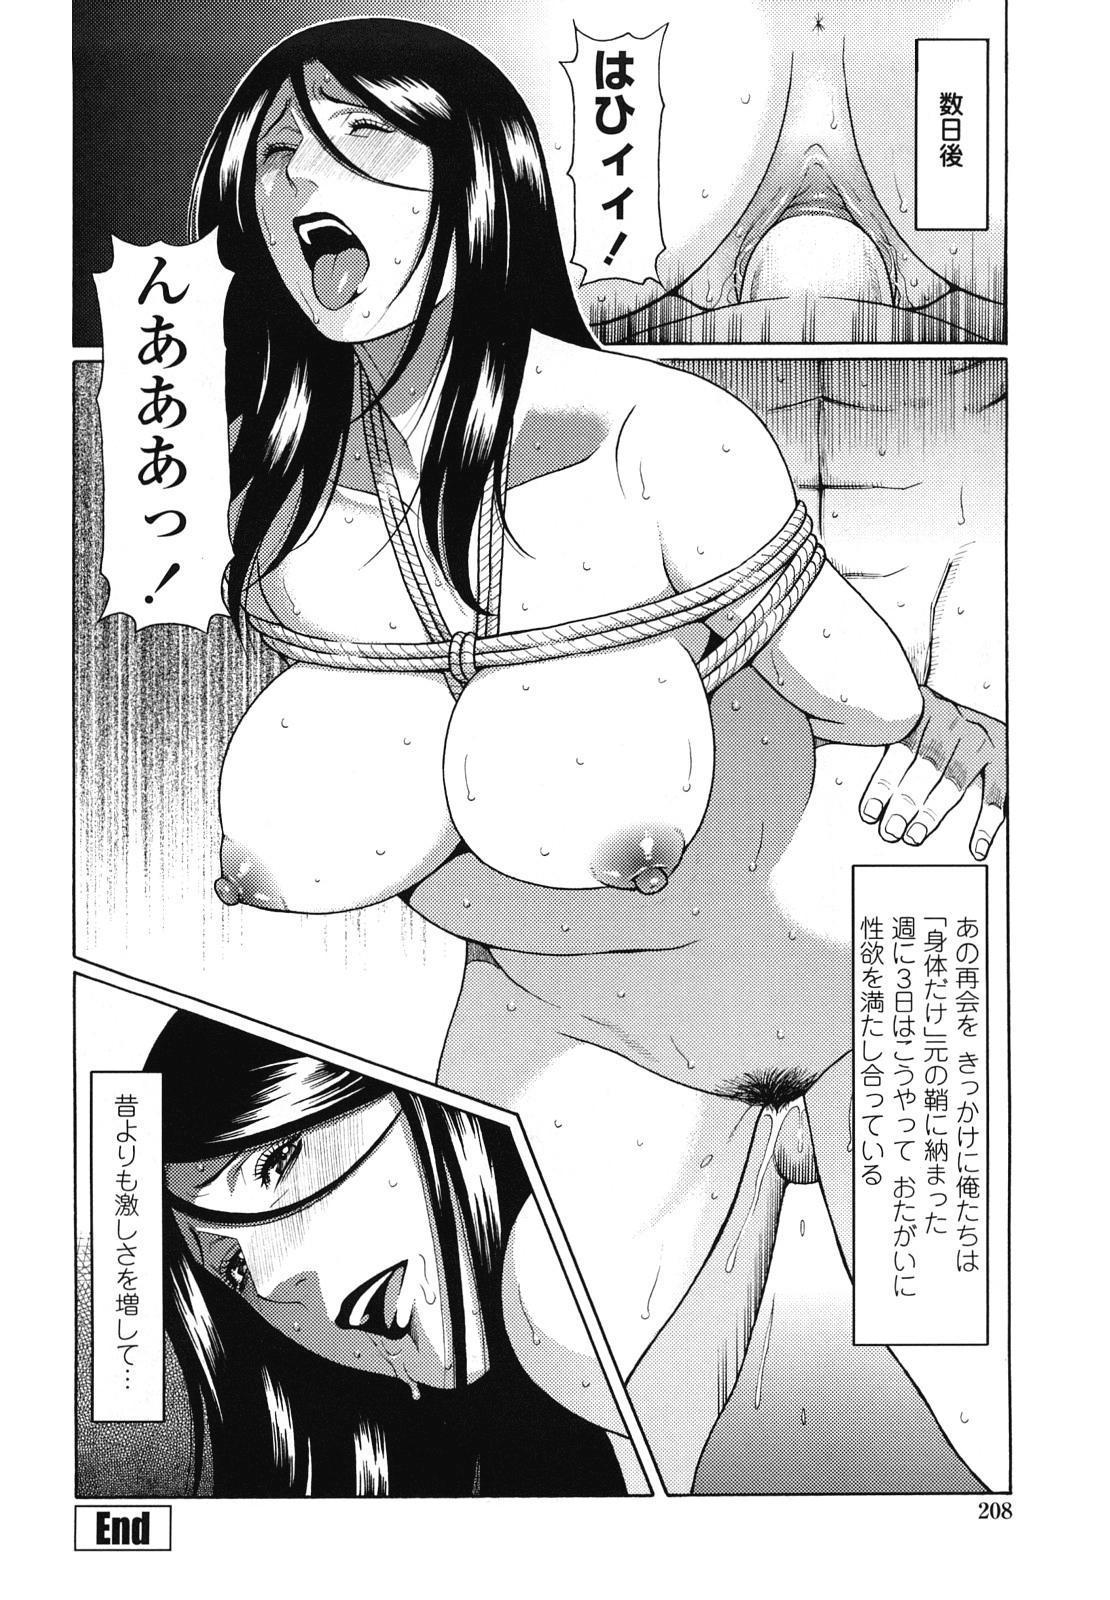 [Takasugi Kou] Kindan no Haha-Ana - Immorality Love-Hole Ch. 11-12 [Decensored] 35